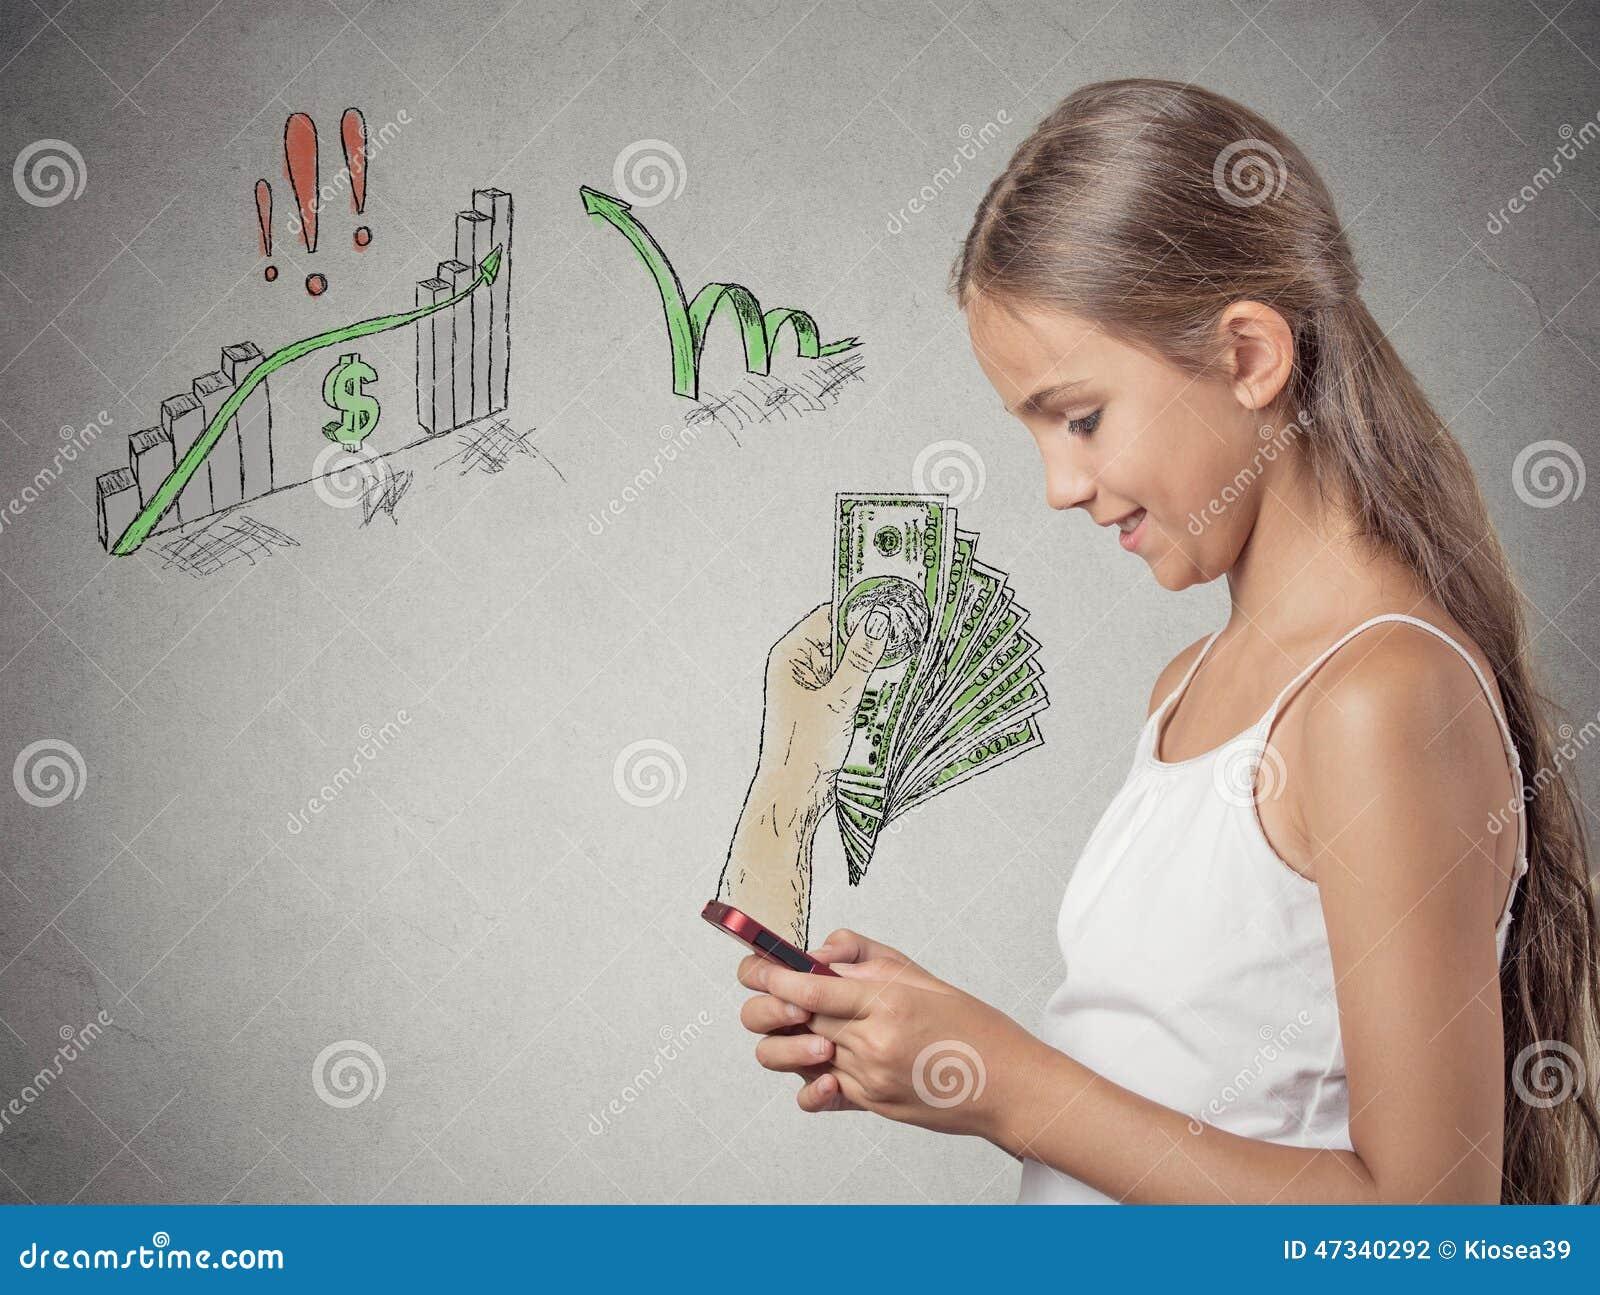 Работа для девушек на телефоне веб модели харьков